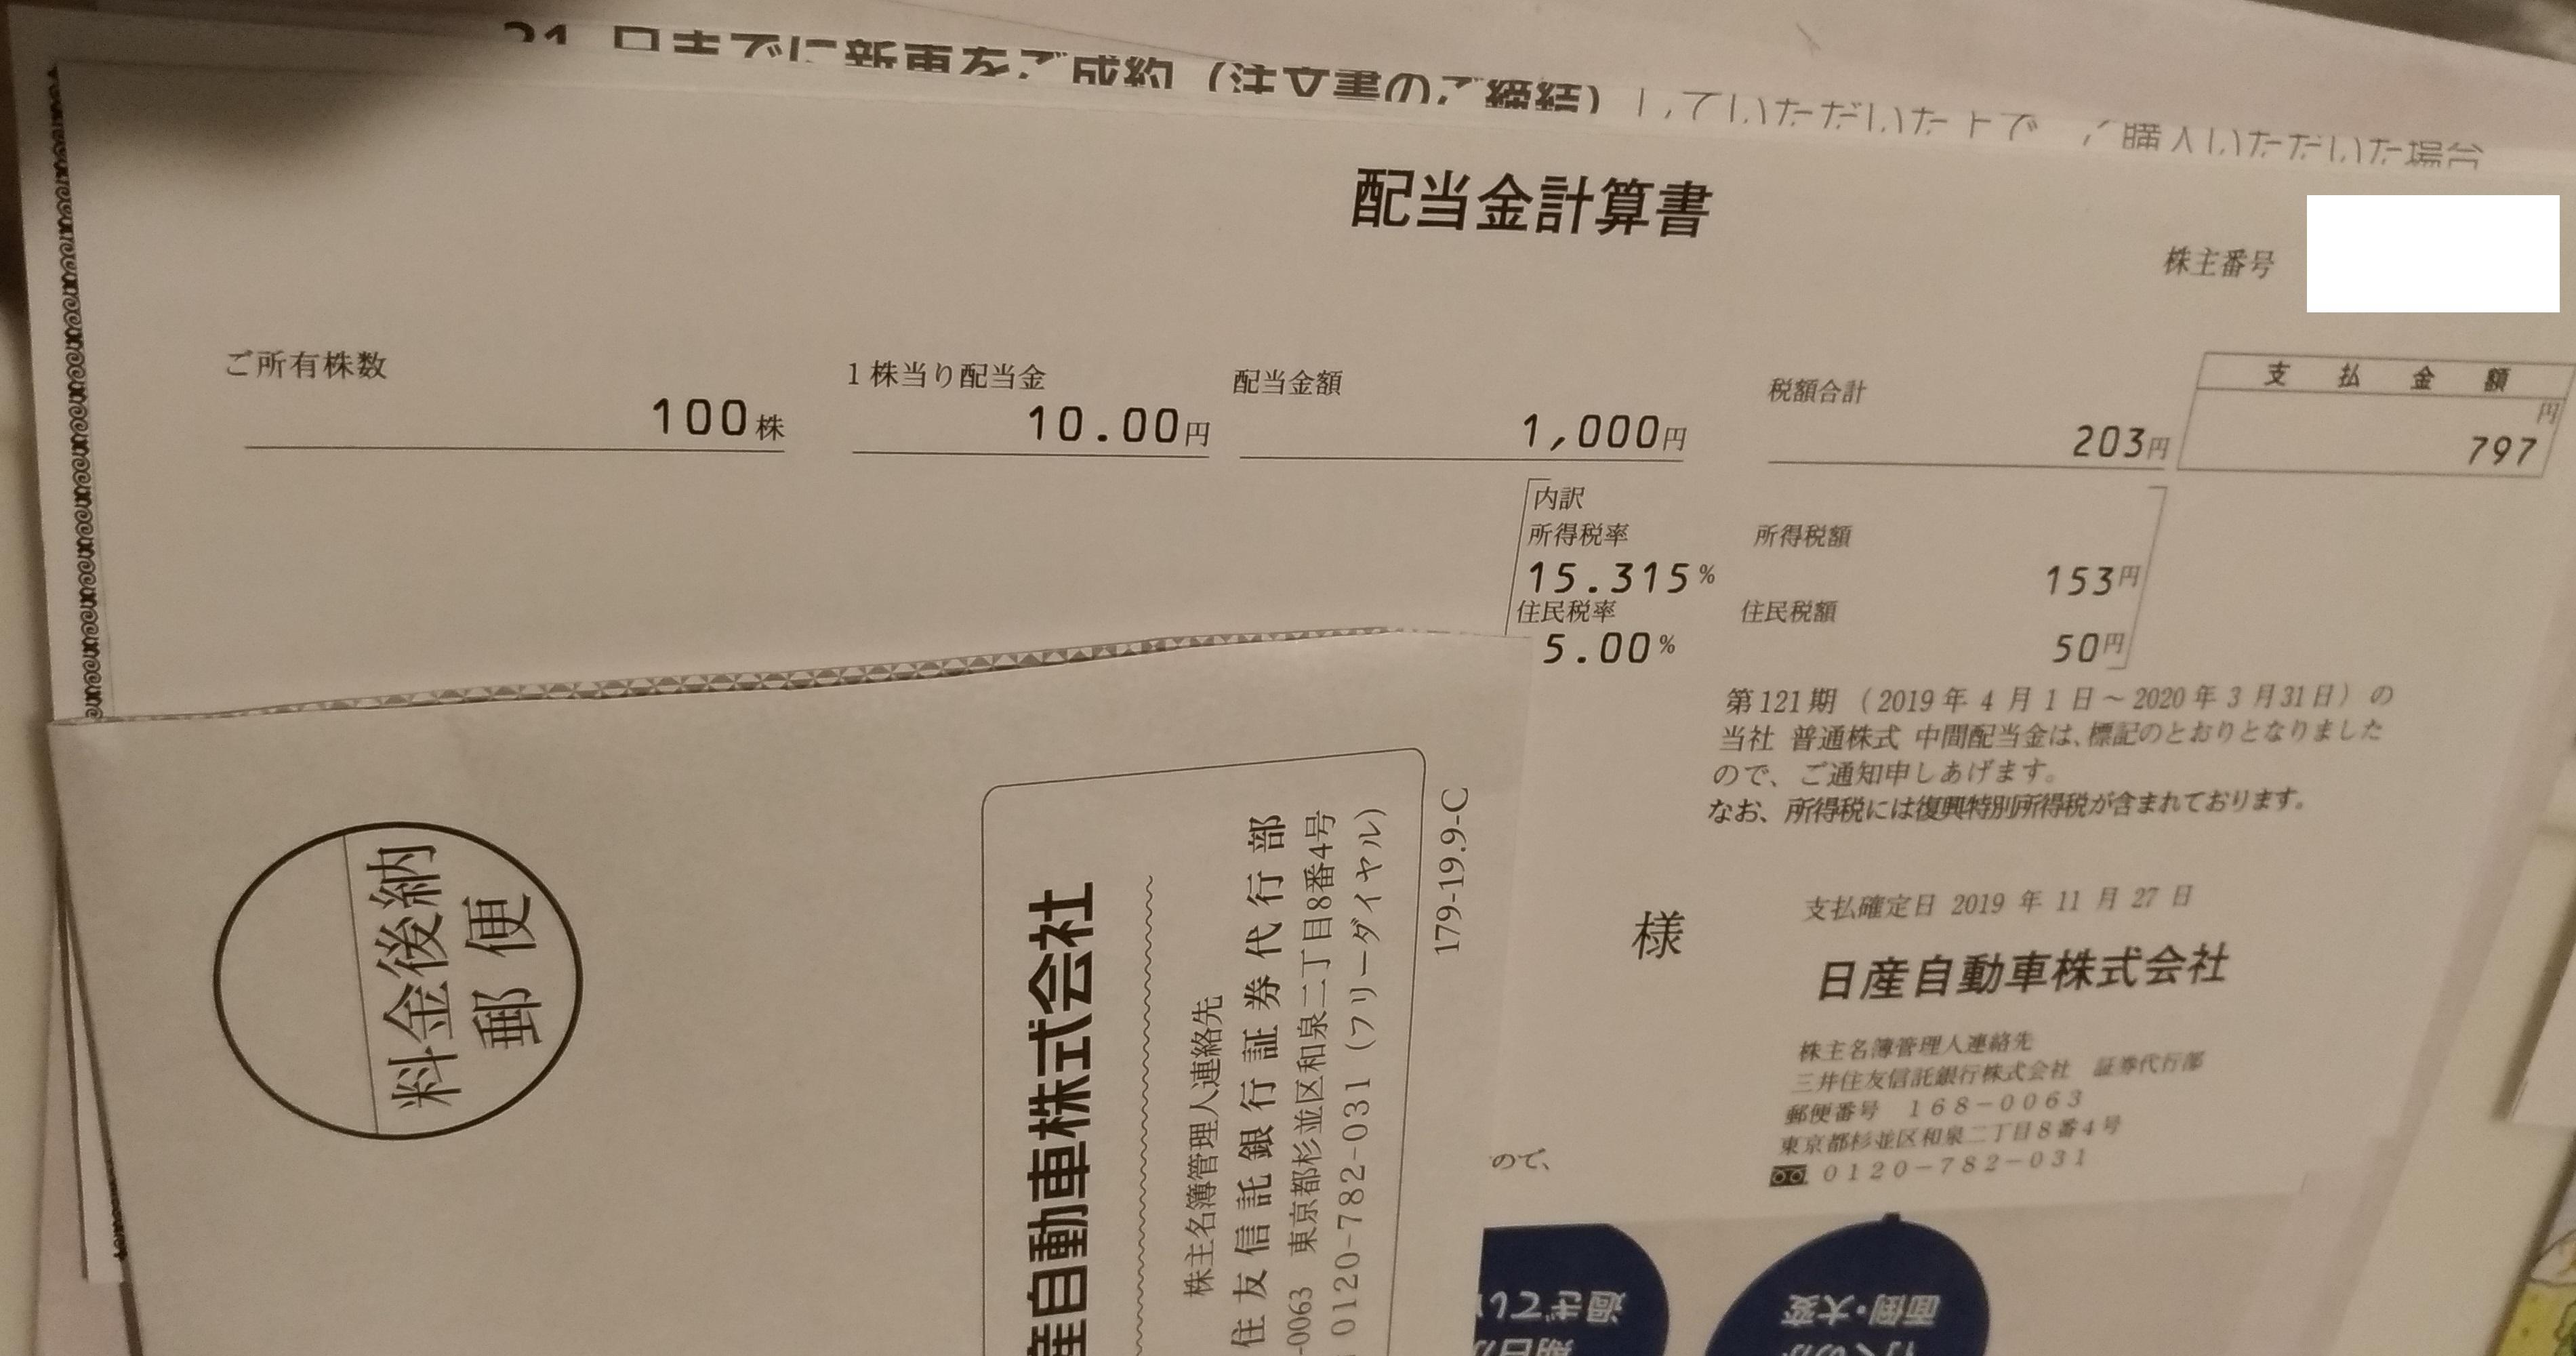 nissan_haito_20191127_.jpg